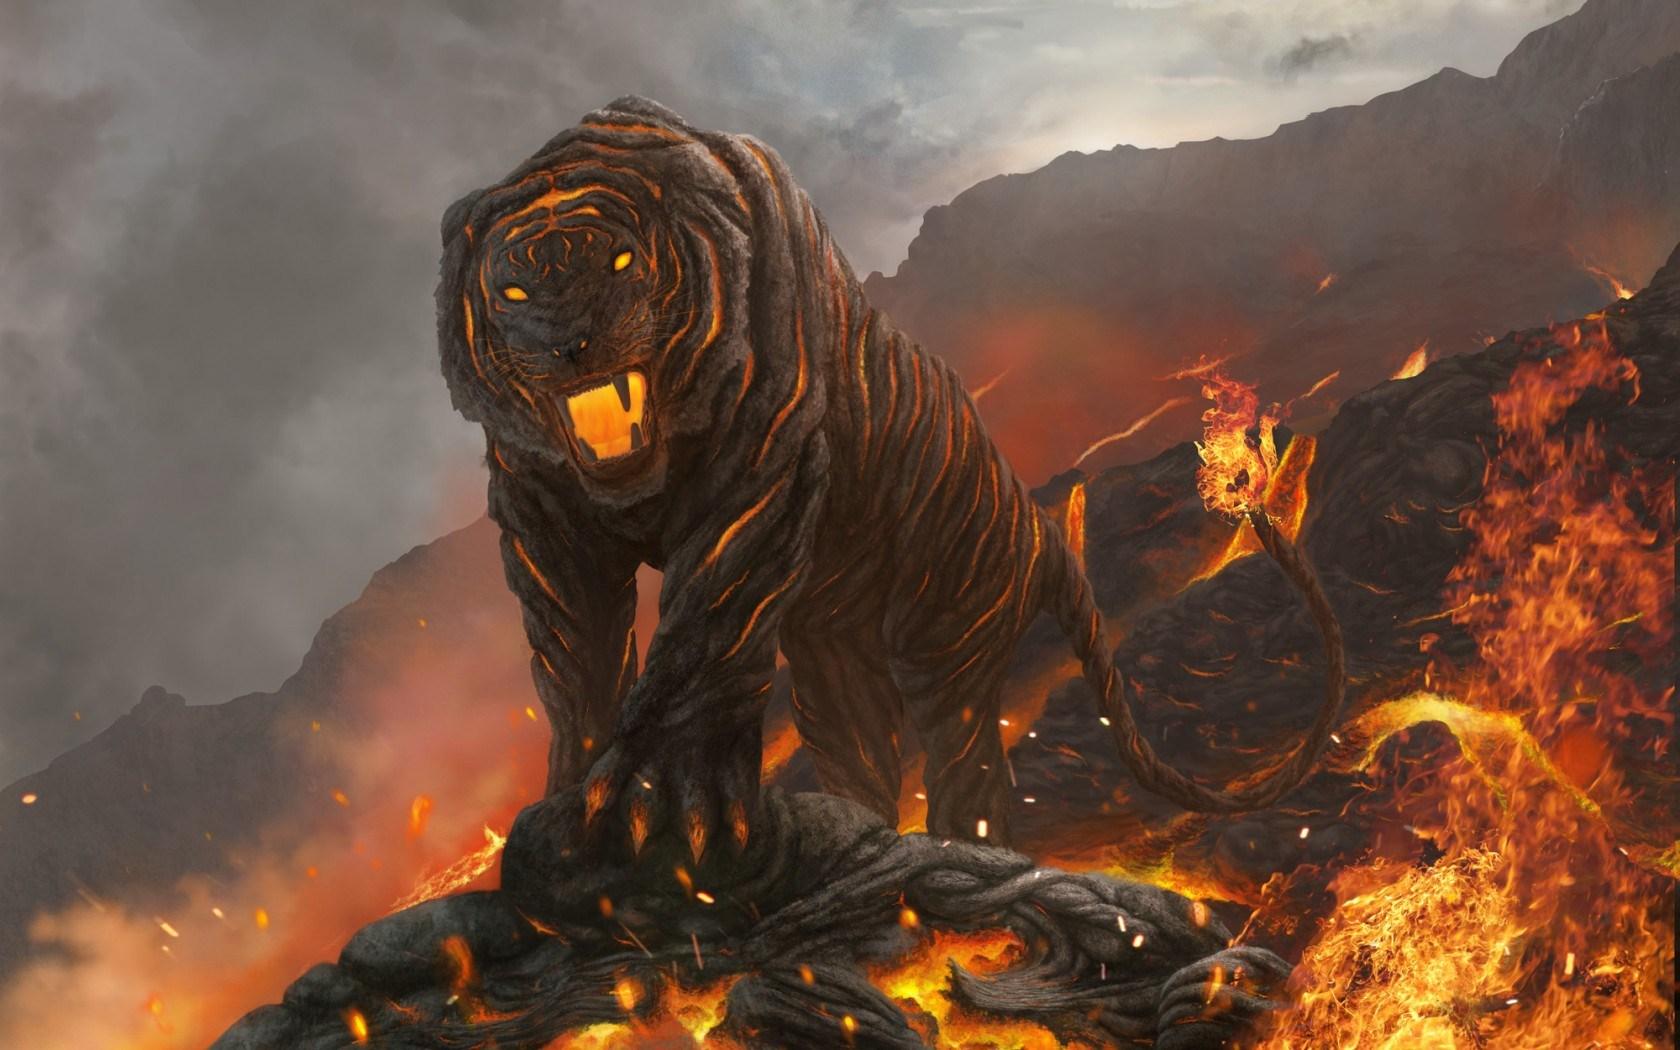 art tiger lava fire mountain fantasy 1680x1050